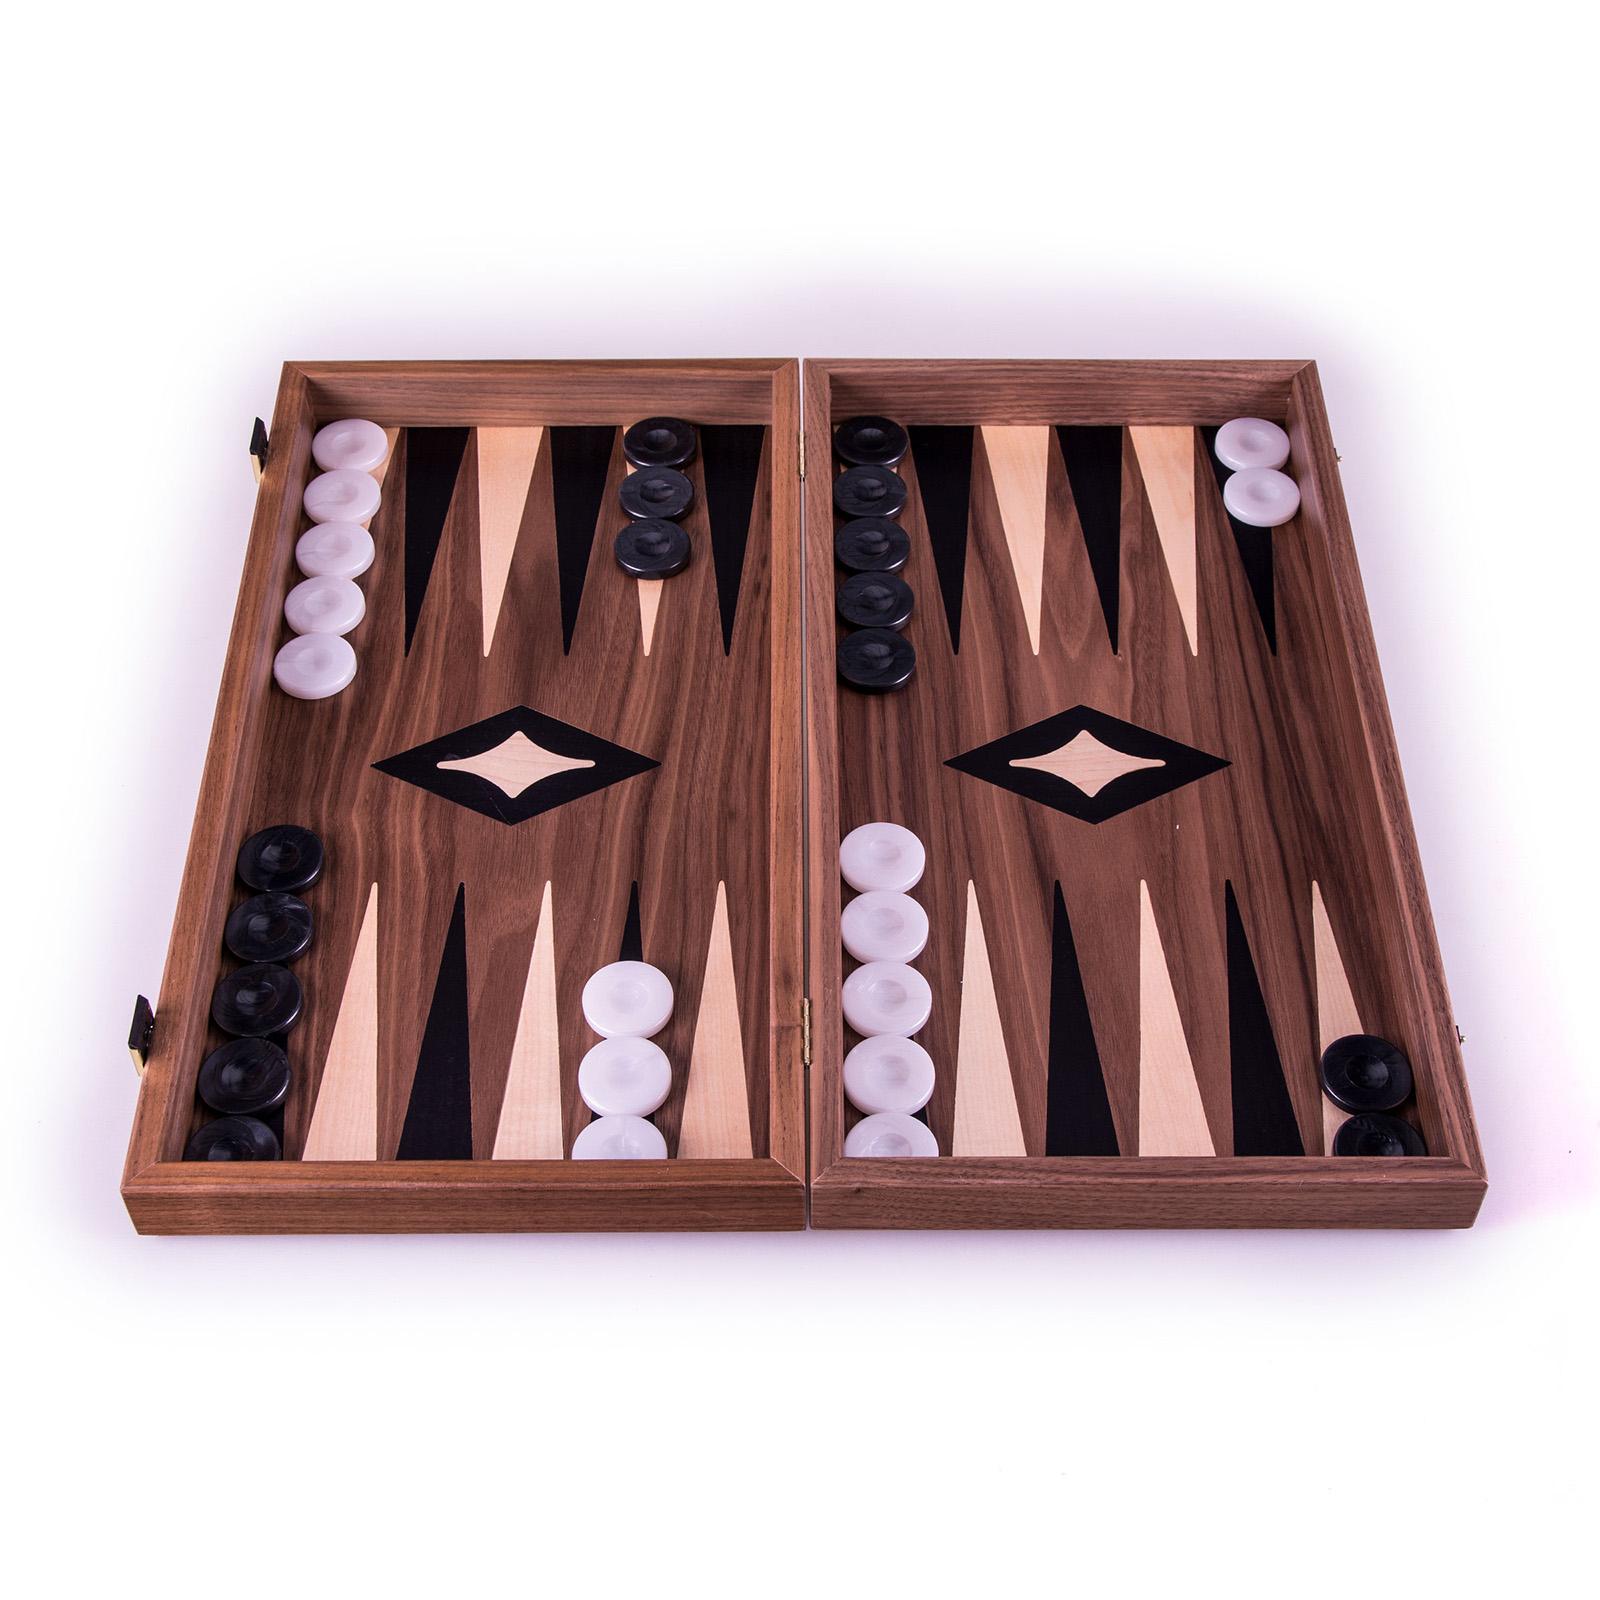 Backgammon-Set aus Walnuss aus Griechenland, handgefertigt 48x26 cm